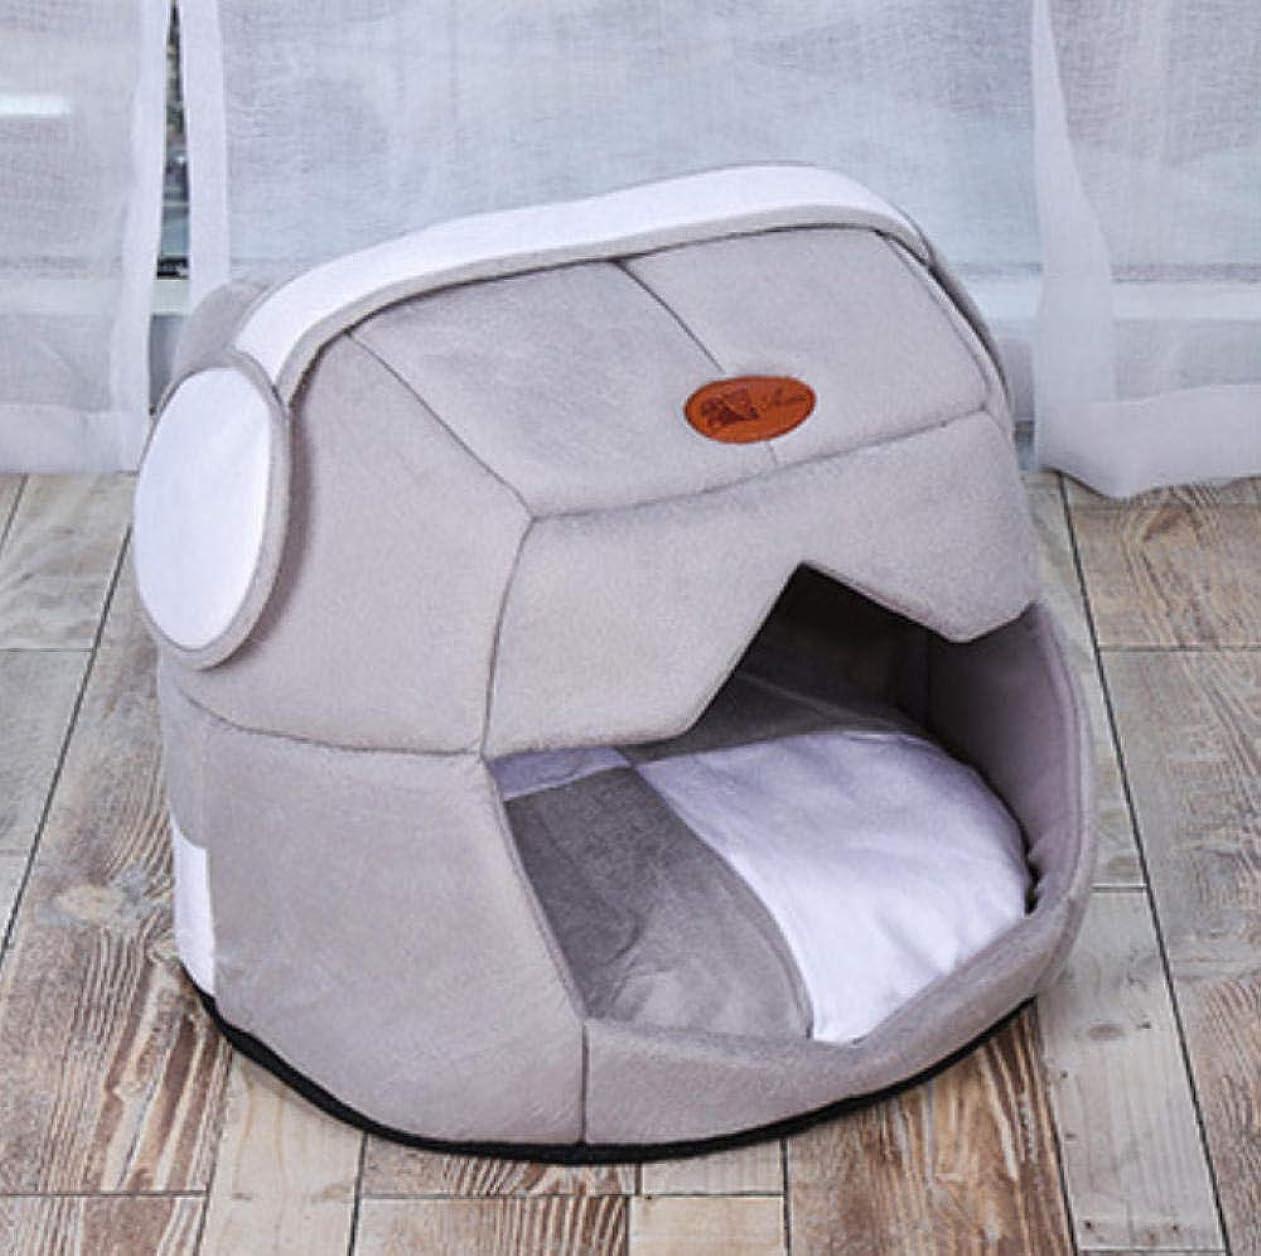 正気種をまくドラッグペットハウス 猫の家 折りたたみ式の柔らかい猫の家犬のための四季ペットベッド猫ペット製品グレーS 37X37X32Cm適切なペット重量:1.5Kg以内